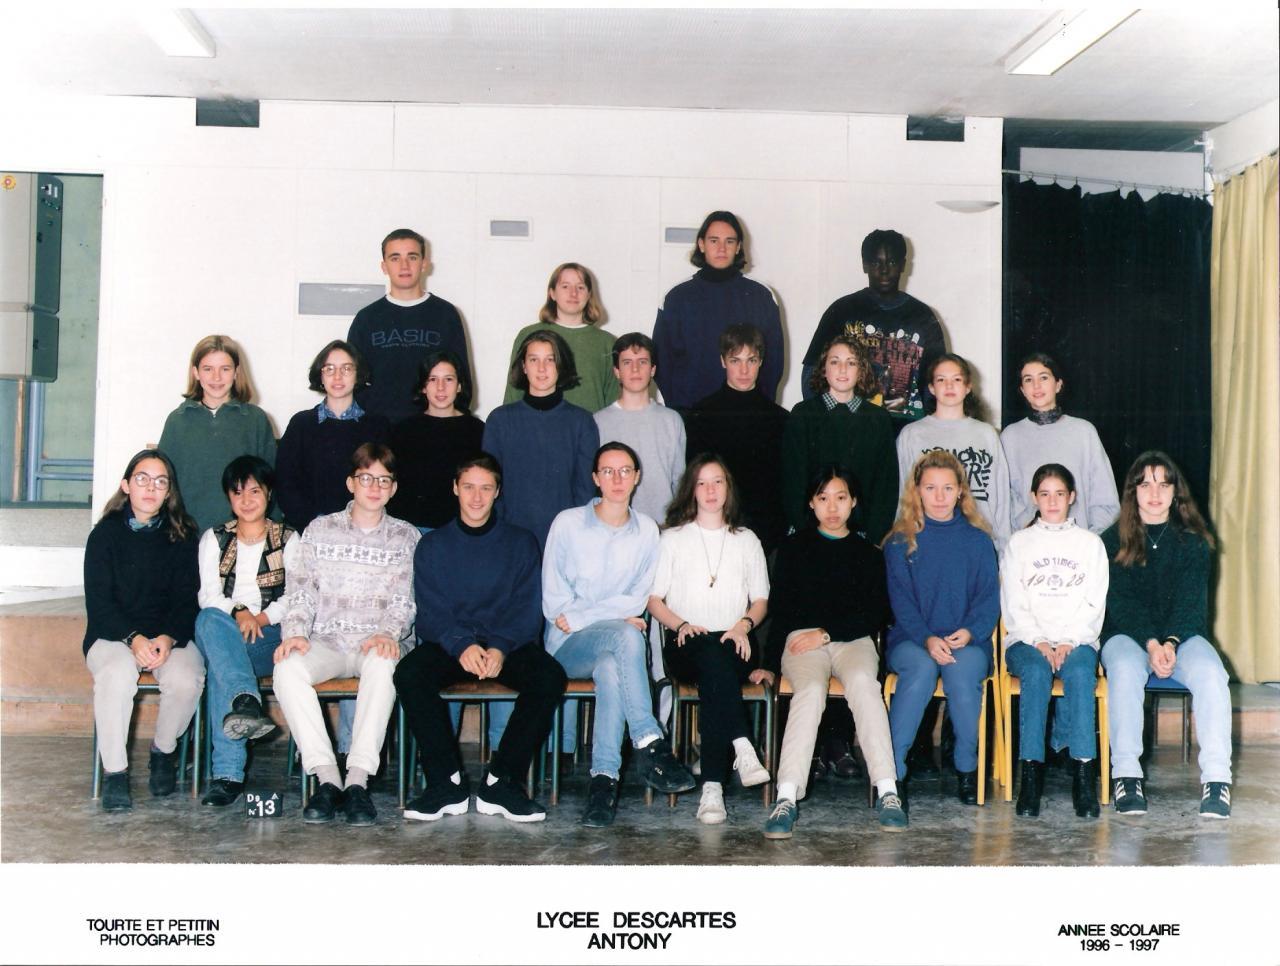 1997 - 2.2 - TOURTE